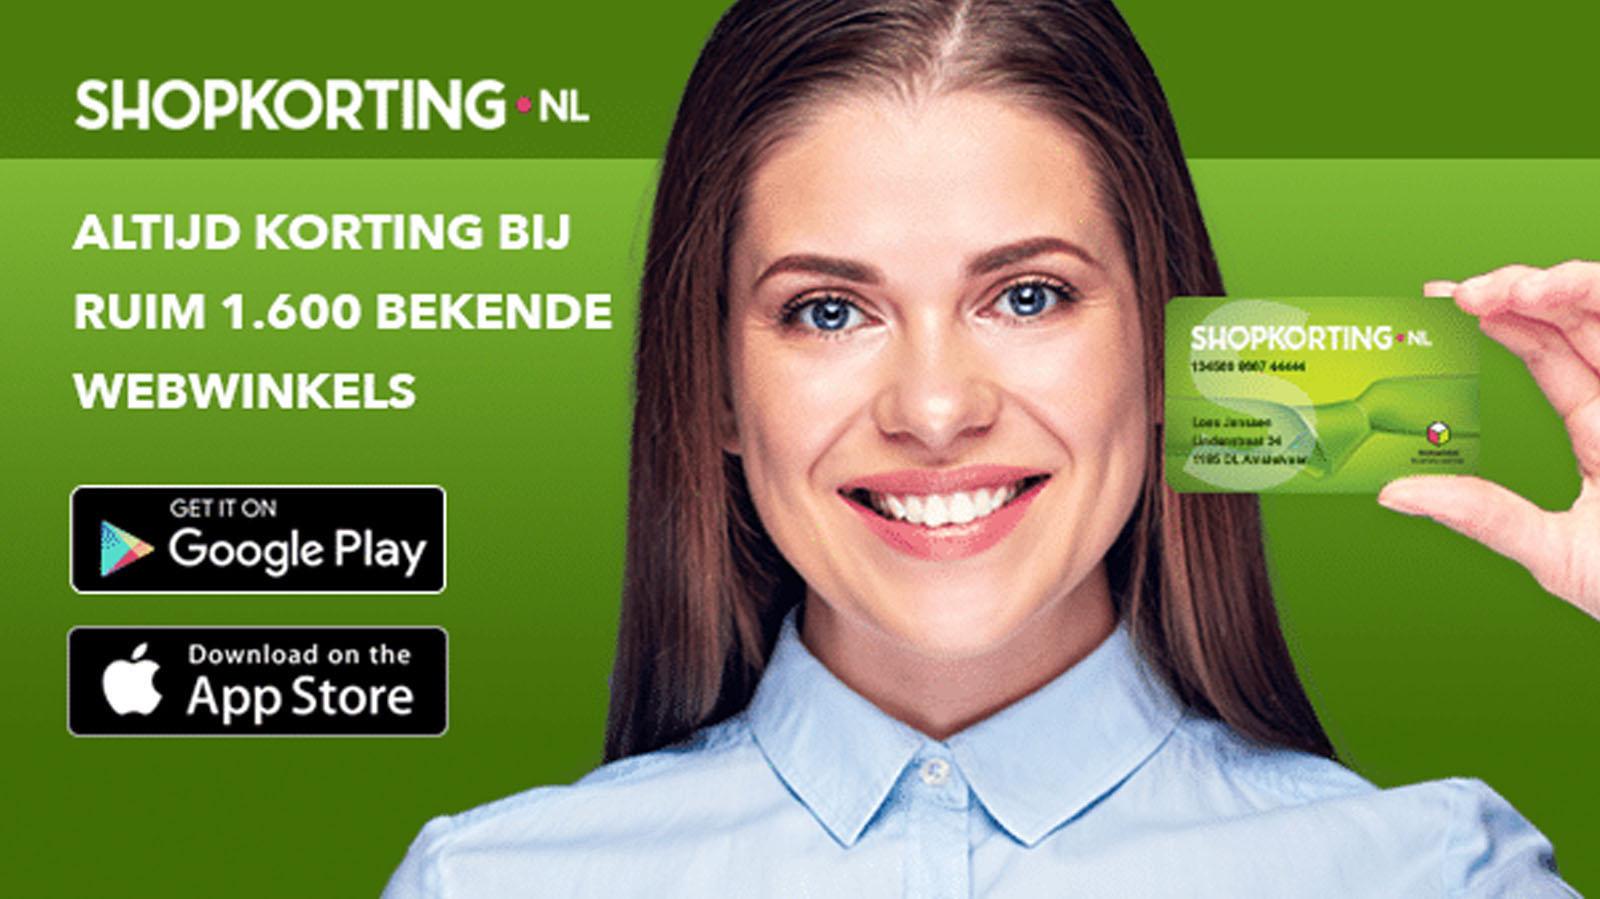 Shopkorting.nl